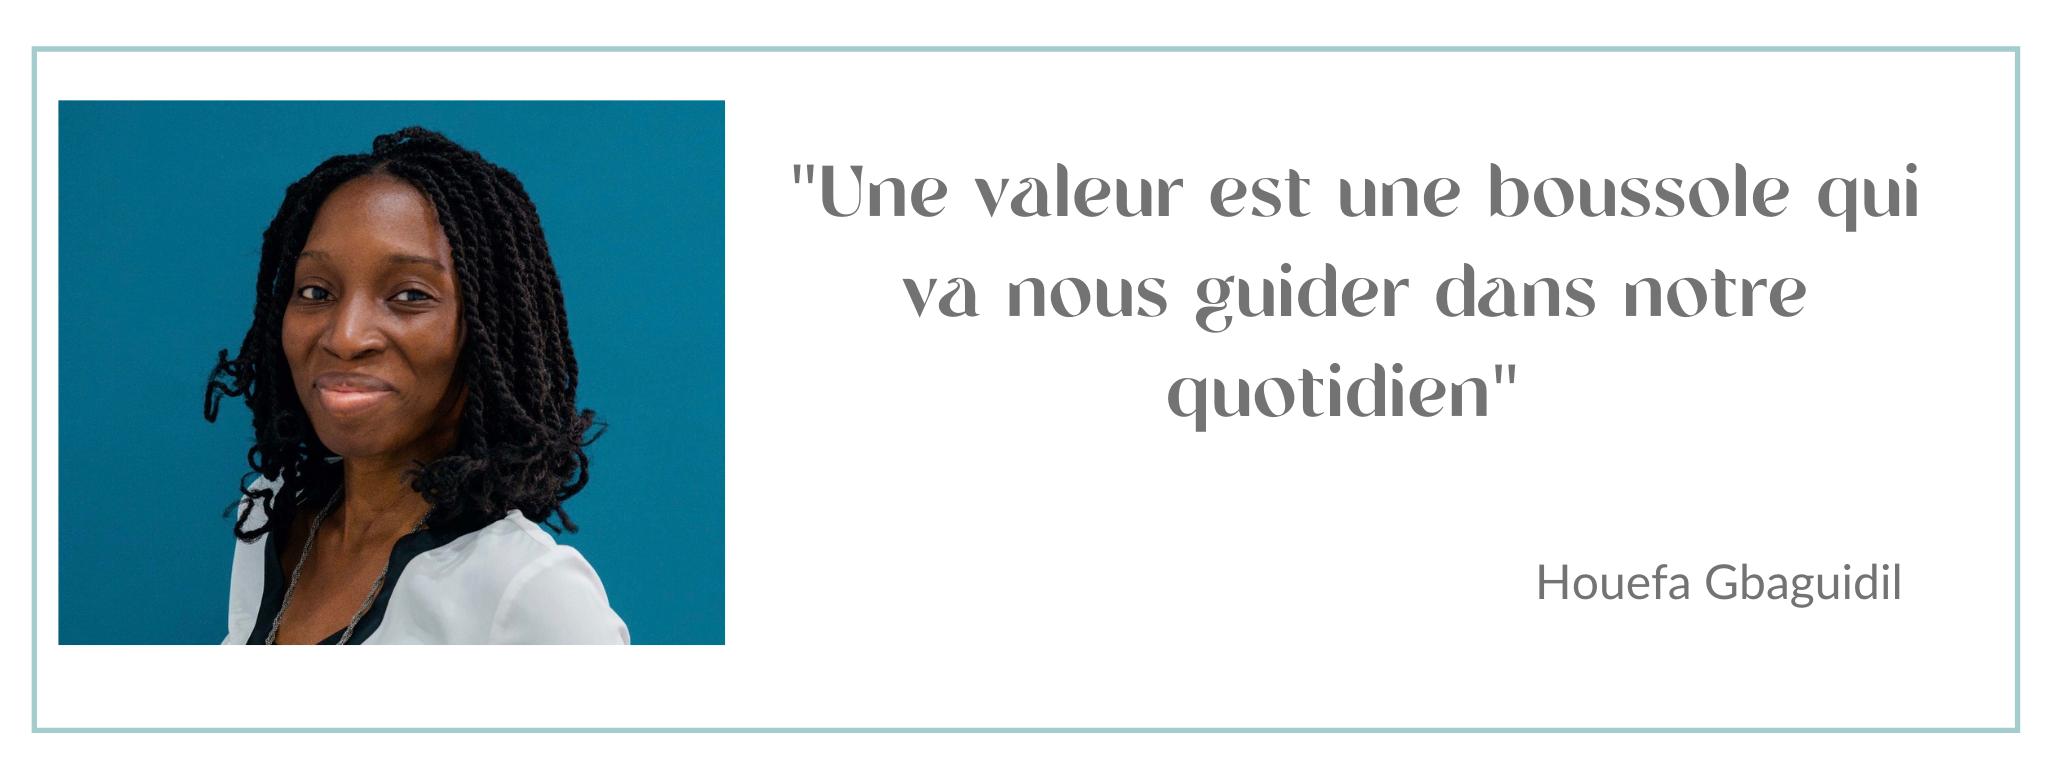 Construire un projet professionnel aligné avec ses valeurs avec Houefa Gbaguidi